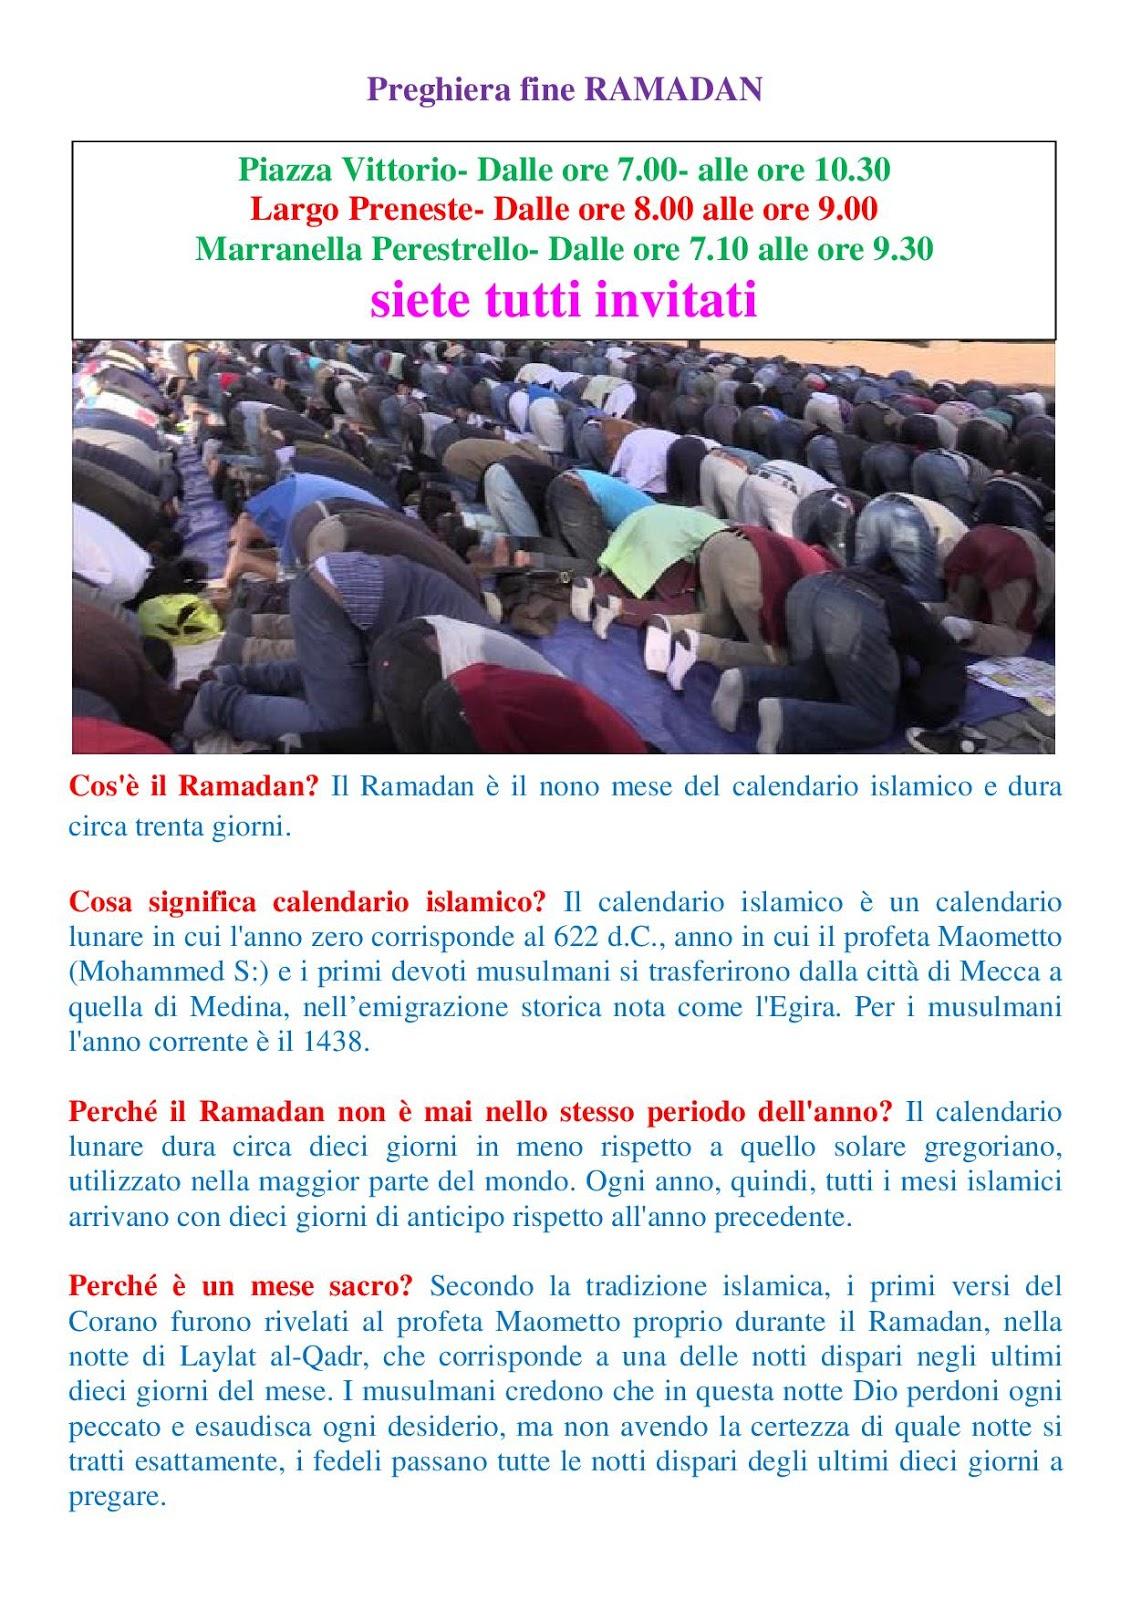 Il Calendario Islamico.Dhuumcatu Preghiera Fine Ramadan A Piazza Vittorio